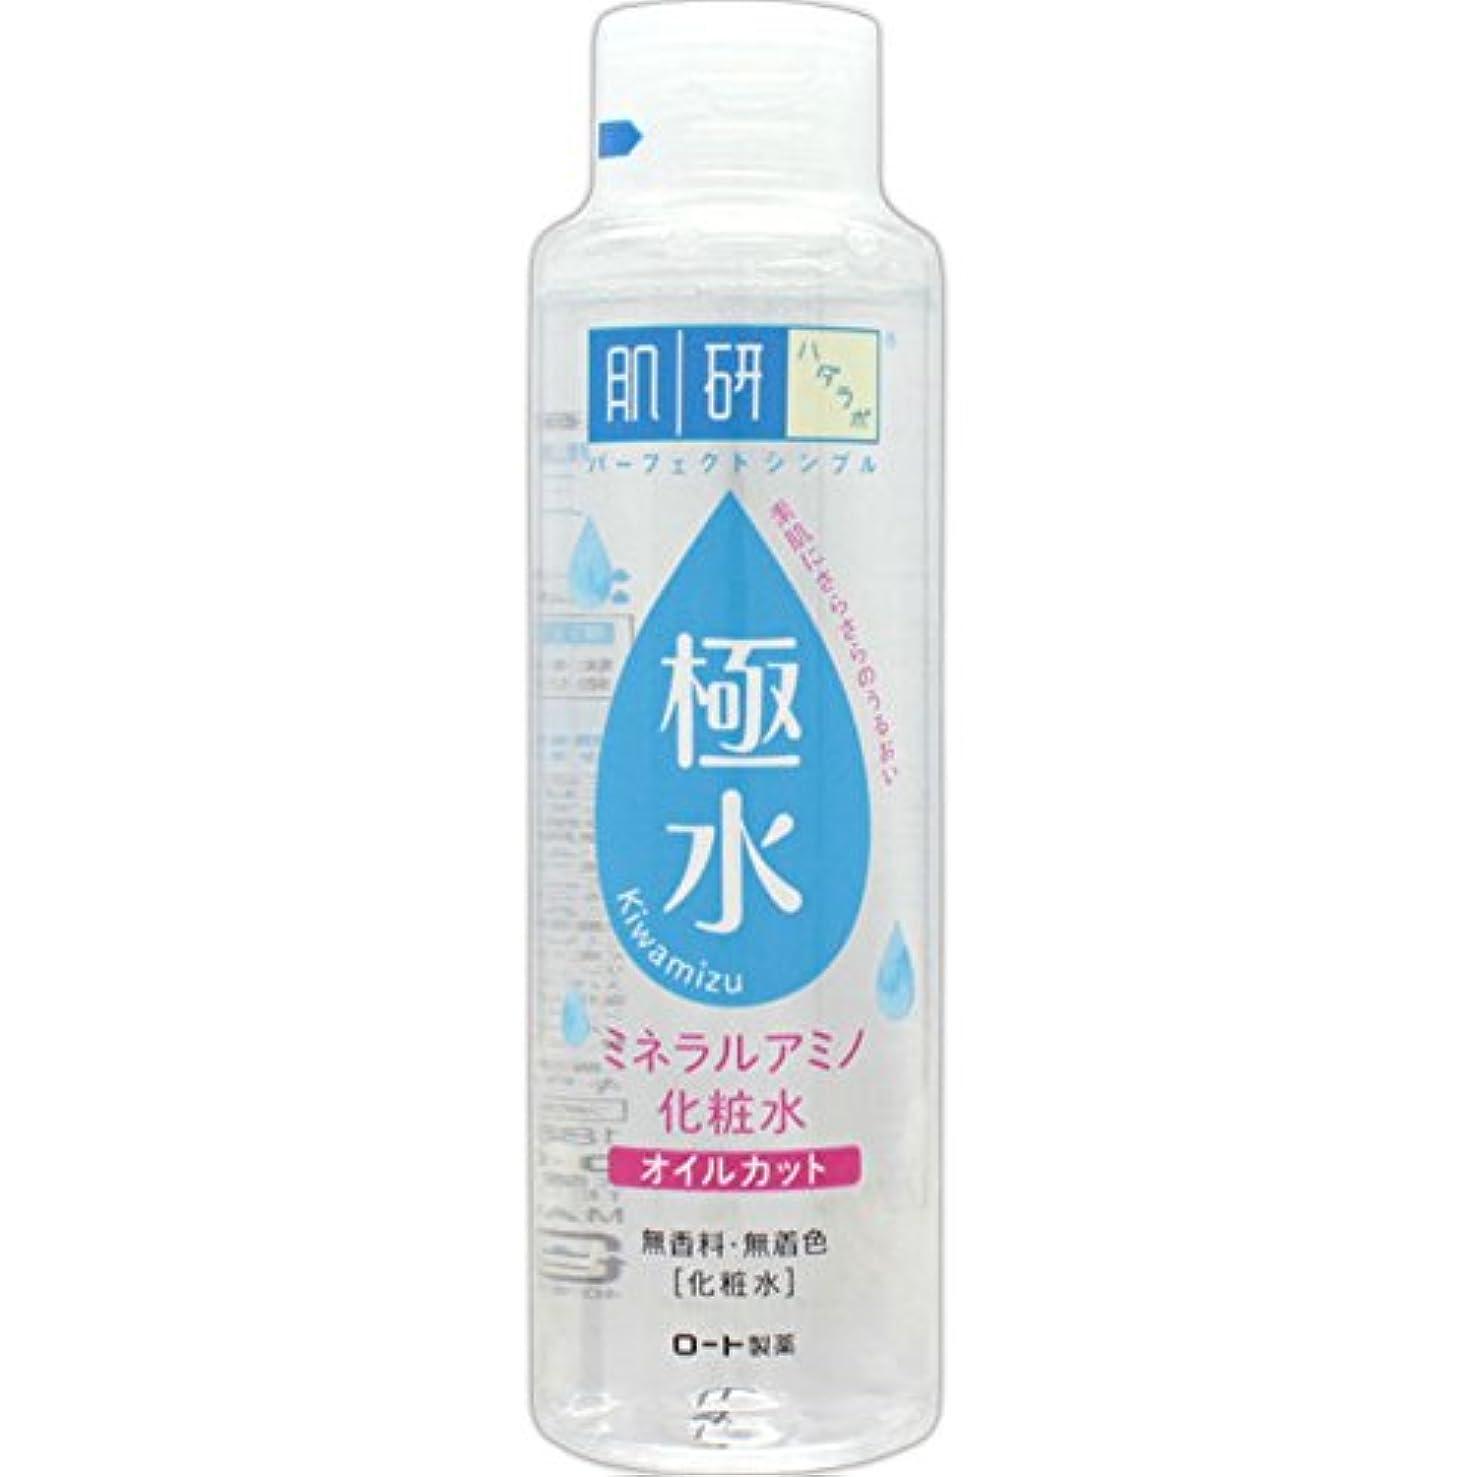 と記念日珍しい肌研(ハダラボ) 極水 ミネラルアミノ化粧水 180mL